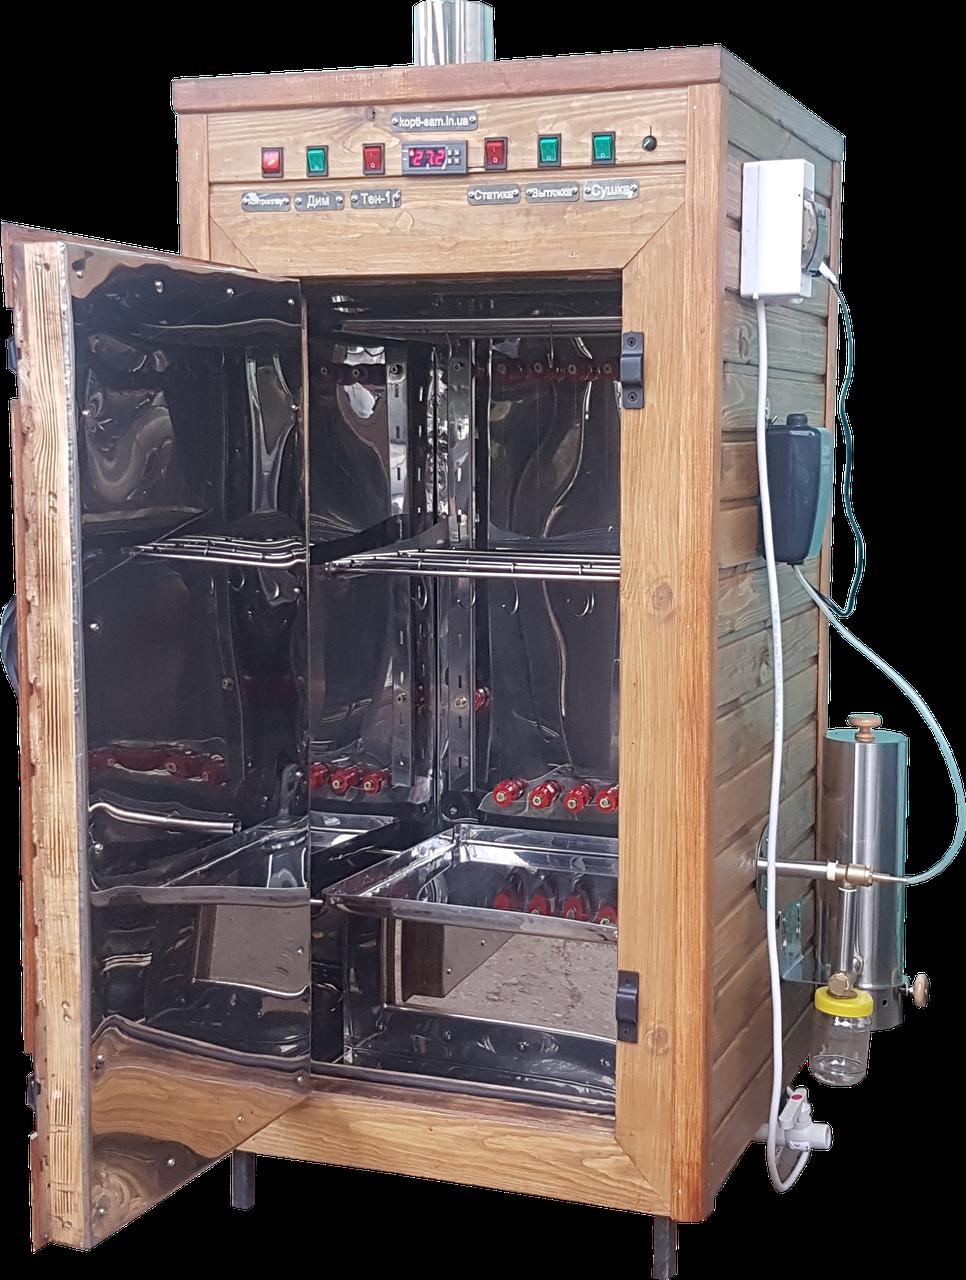 Коптильня 250л -холодного и горячего копчения, +просушка и конвекция. Нержавейка внутри, крыша плоская